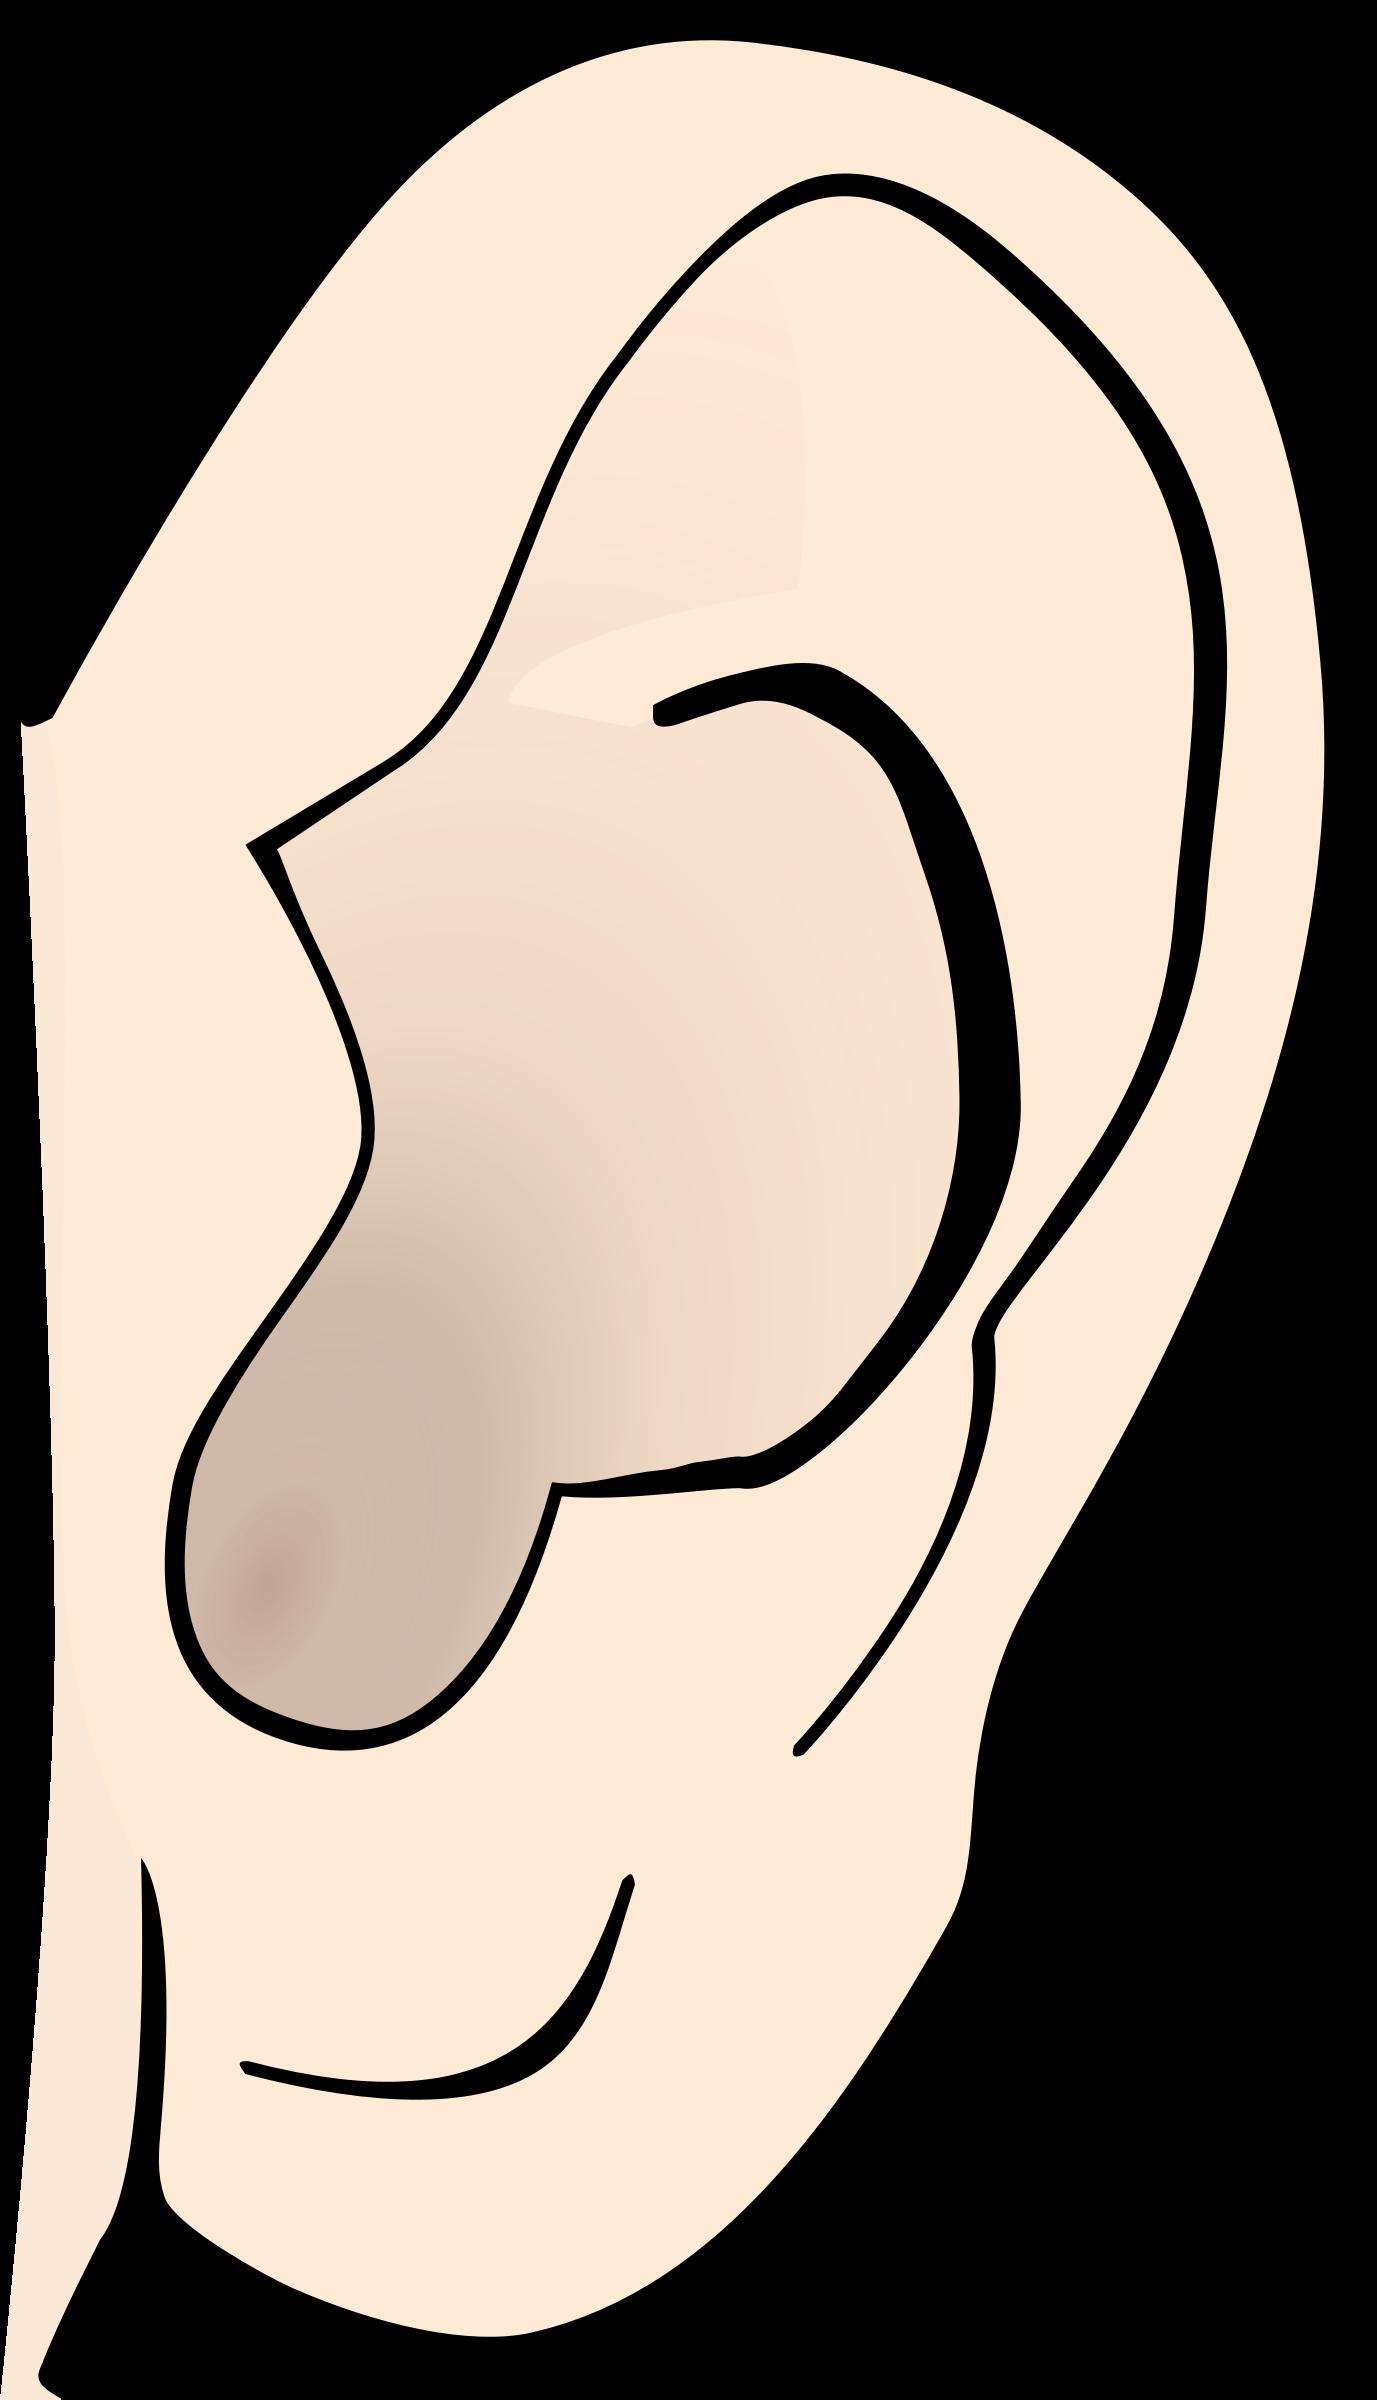 Left Big Ears Clipart-Left Big Ears Clipart-11